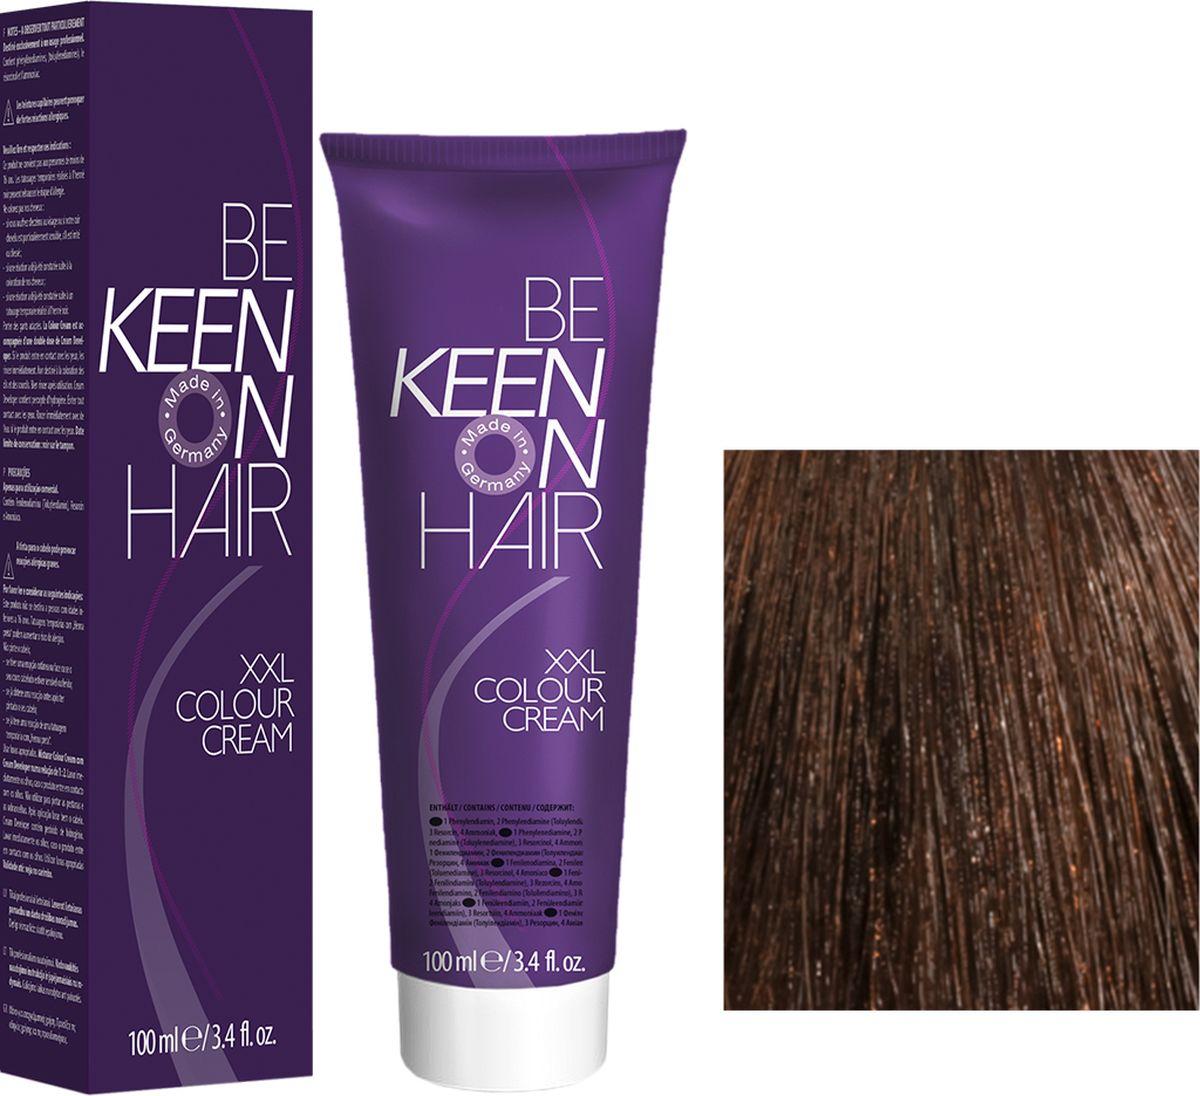 Keen Краска для волос 6.7 Какао Kakao, 100 мл69100048Модные оттенкиБолее 100 оттенков для креативной комбинации цветов.ЭкономичностьПри использовании тюбика 100 мл вы получаете оптимальное соотношение цены и качества!УходМолочный белок поддерживает структуру волоса во время окрашивания и придает волосам блеск и шелковистость. Протеины хорошо встраиваются в волосы и снабжают их влагой.